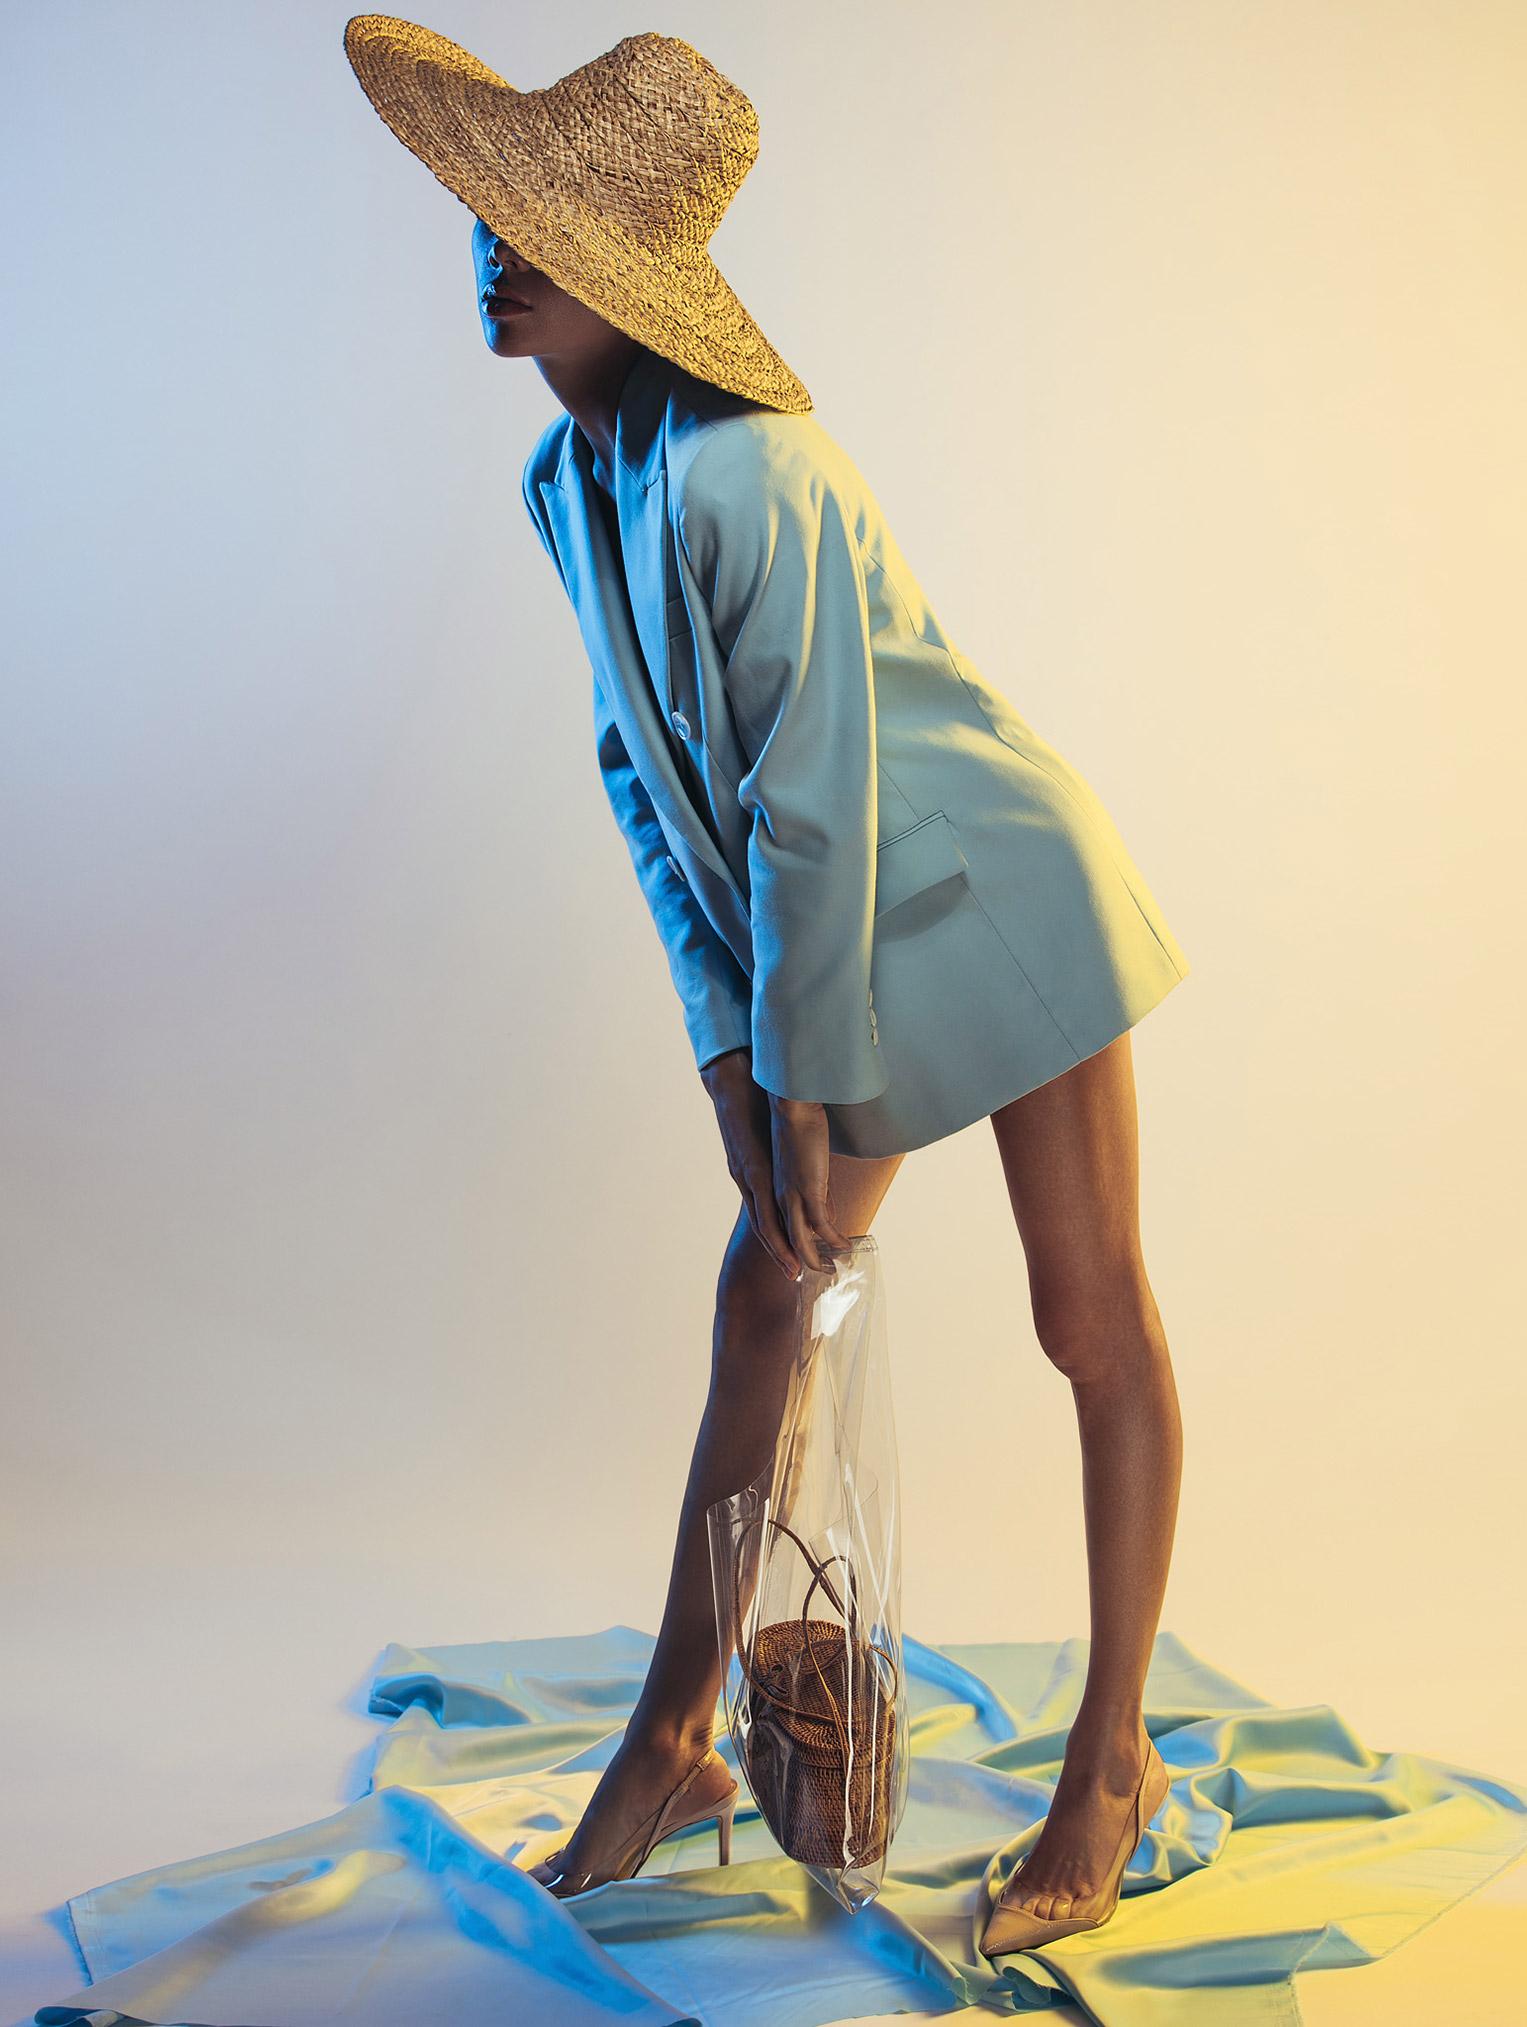 Джейн в каталоге модной одежды LouLou 2019 / фото 10